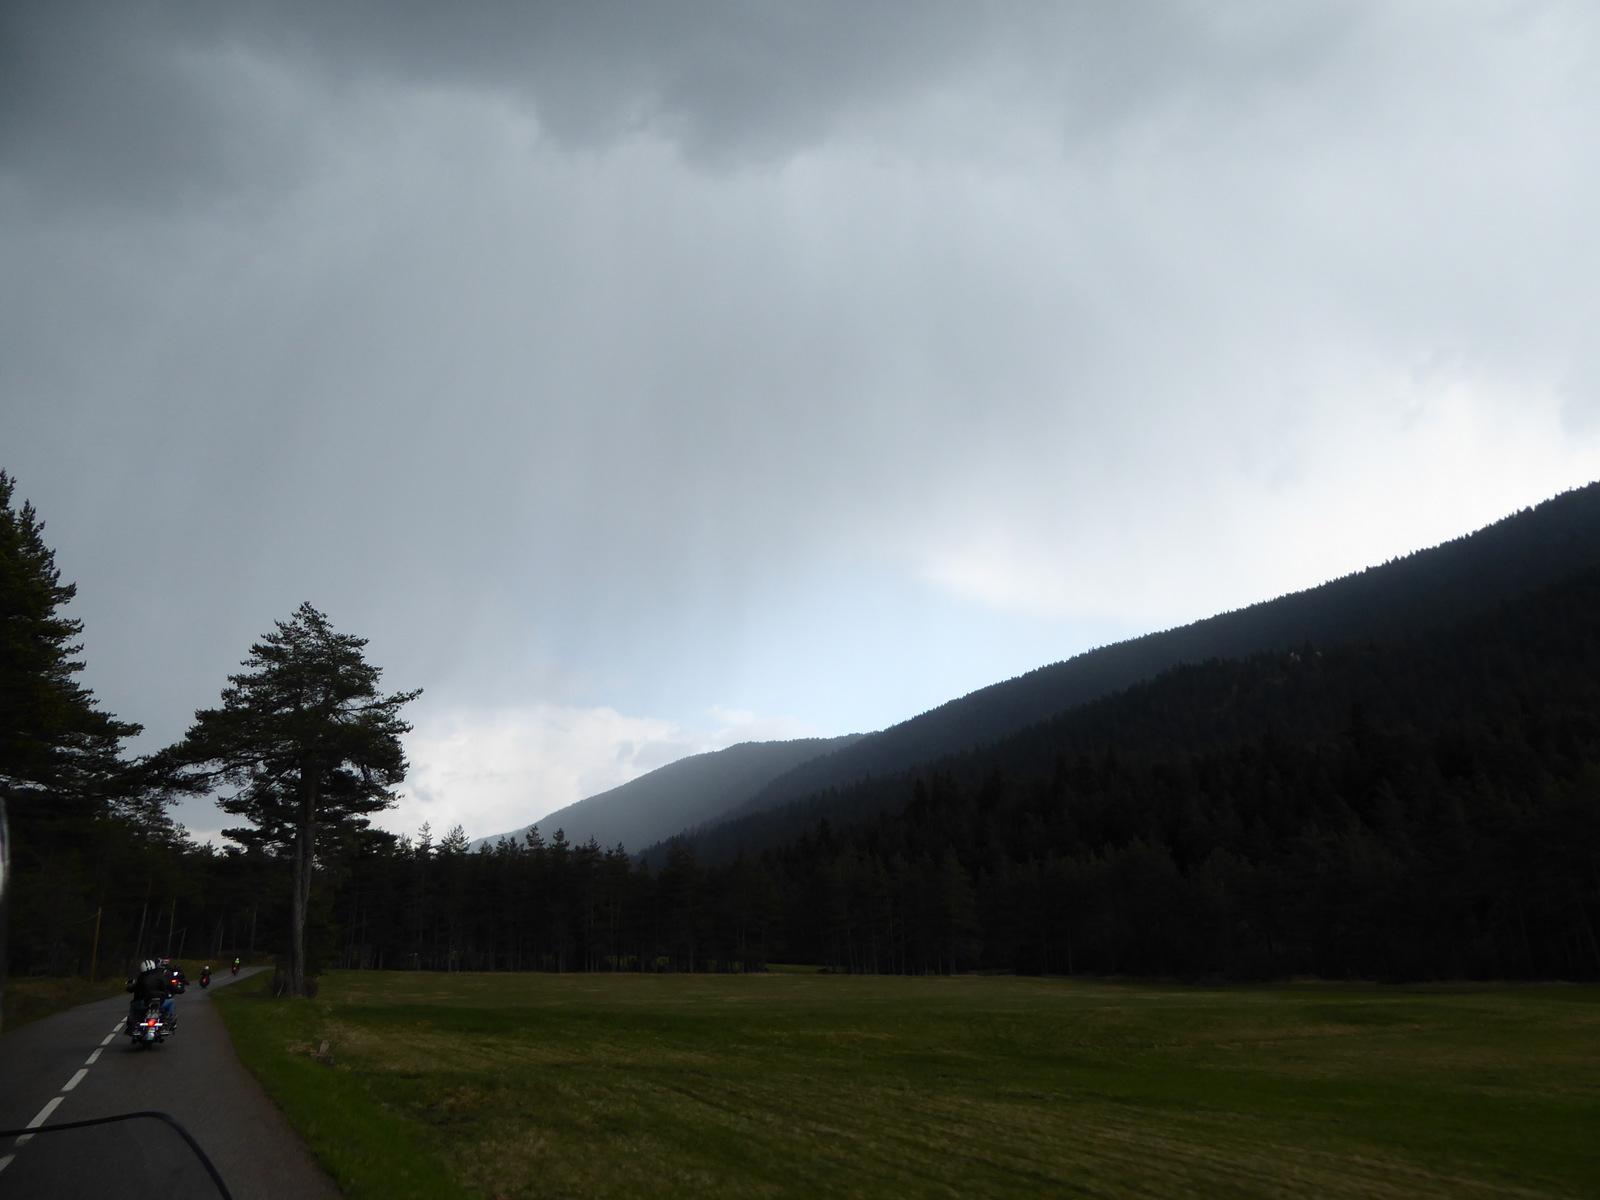 l'orage gronde ...